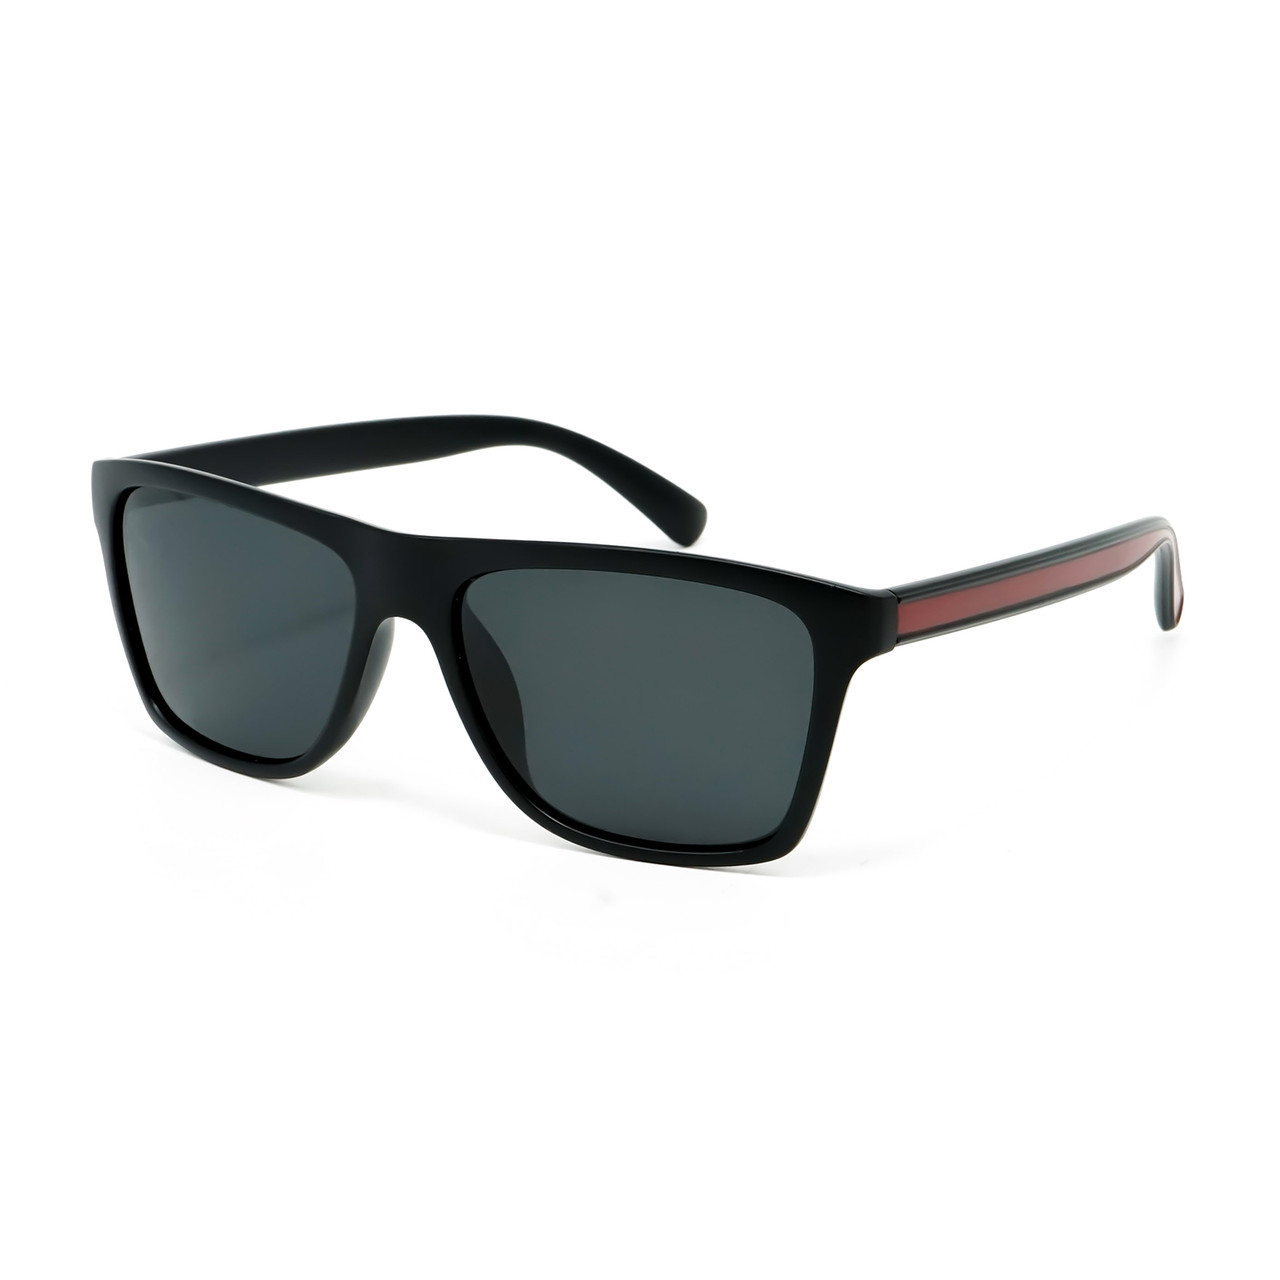 Сонцезахисні окуляри Marmilen Polar P8373 C3 червоні ( P8373-03 )